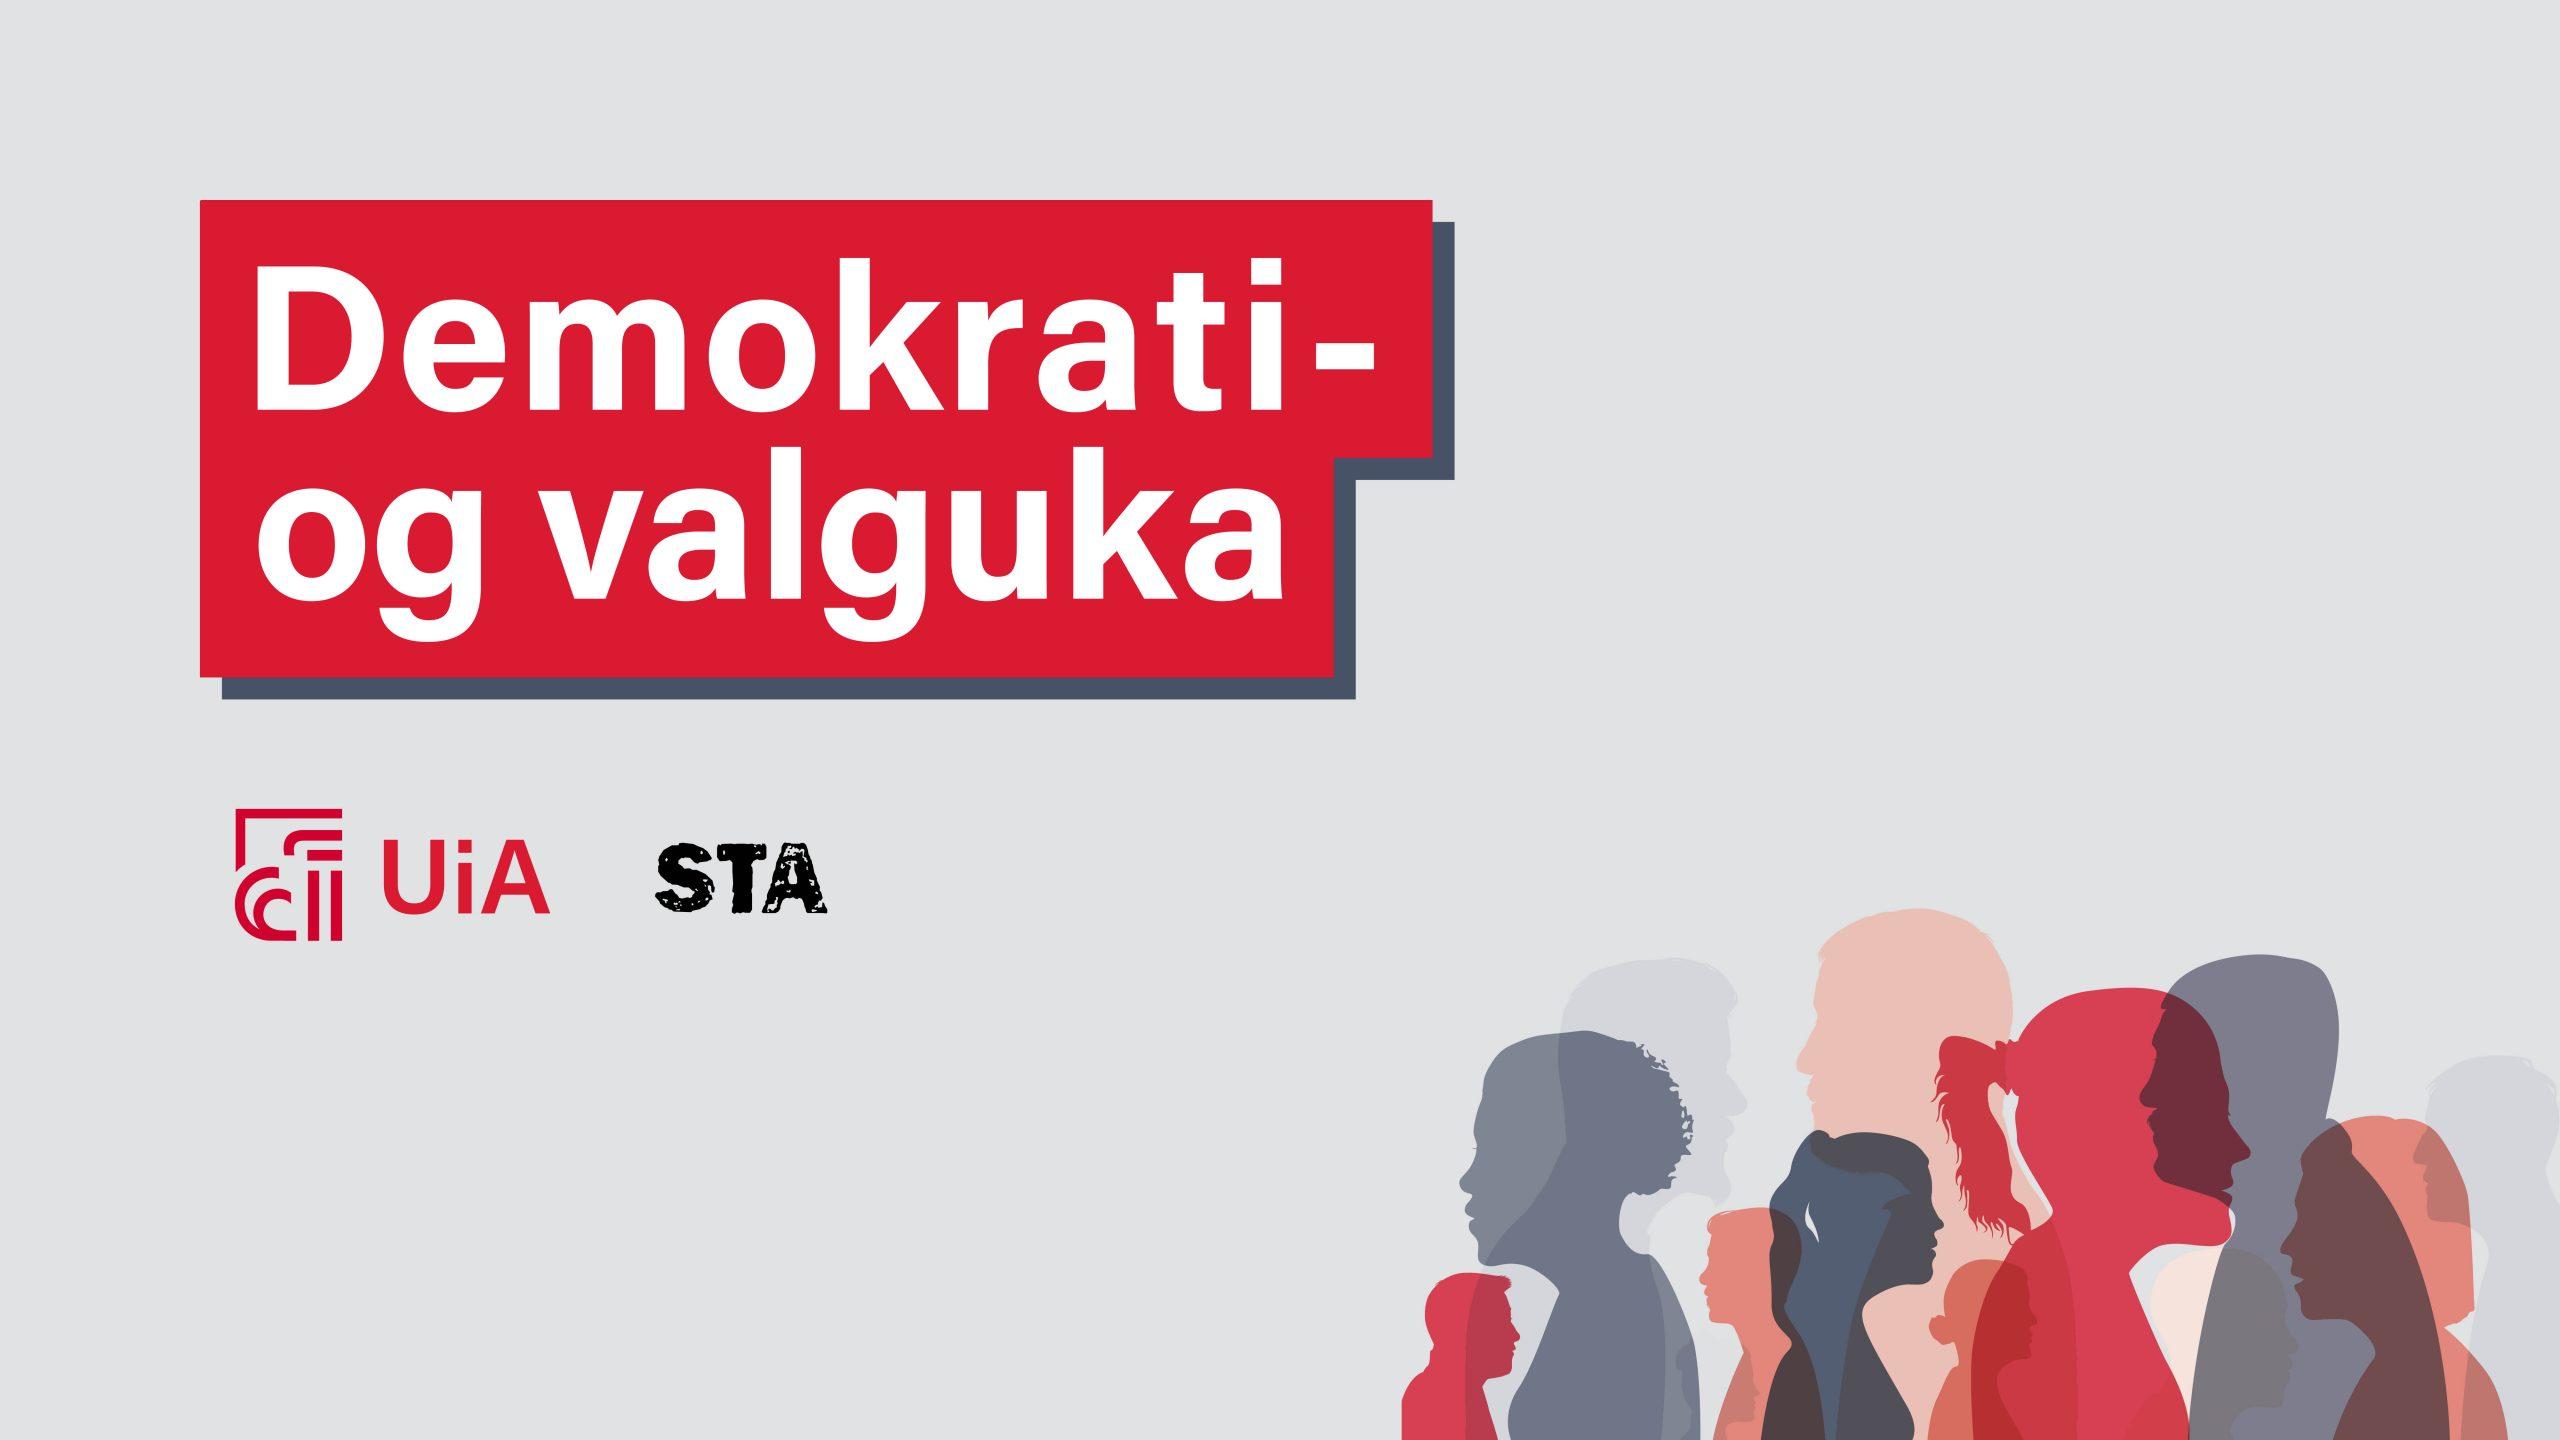 """""""Kva truar eigentleg demokratiet?"""" Fjerde episode i podcastserien til demokrati-og valguka ved UiA"""